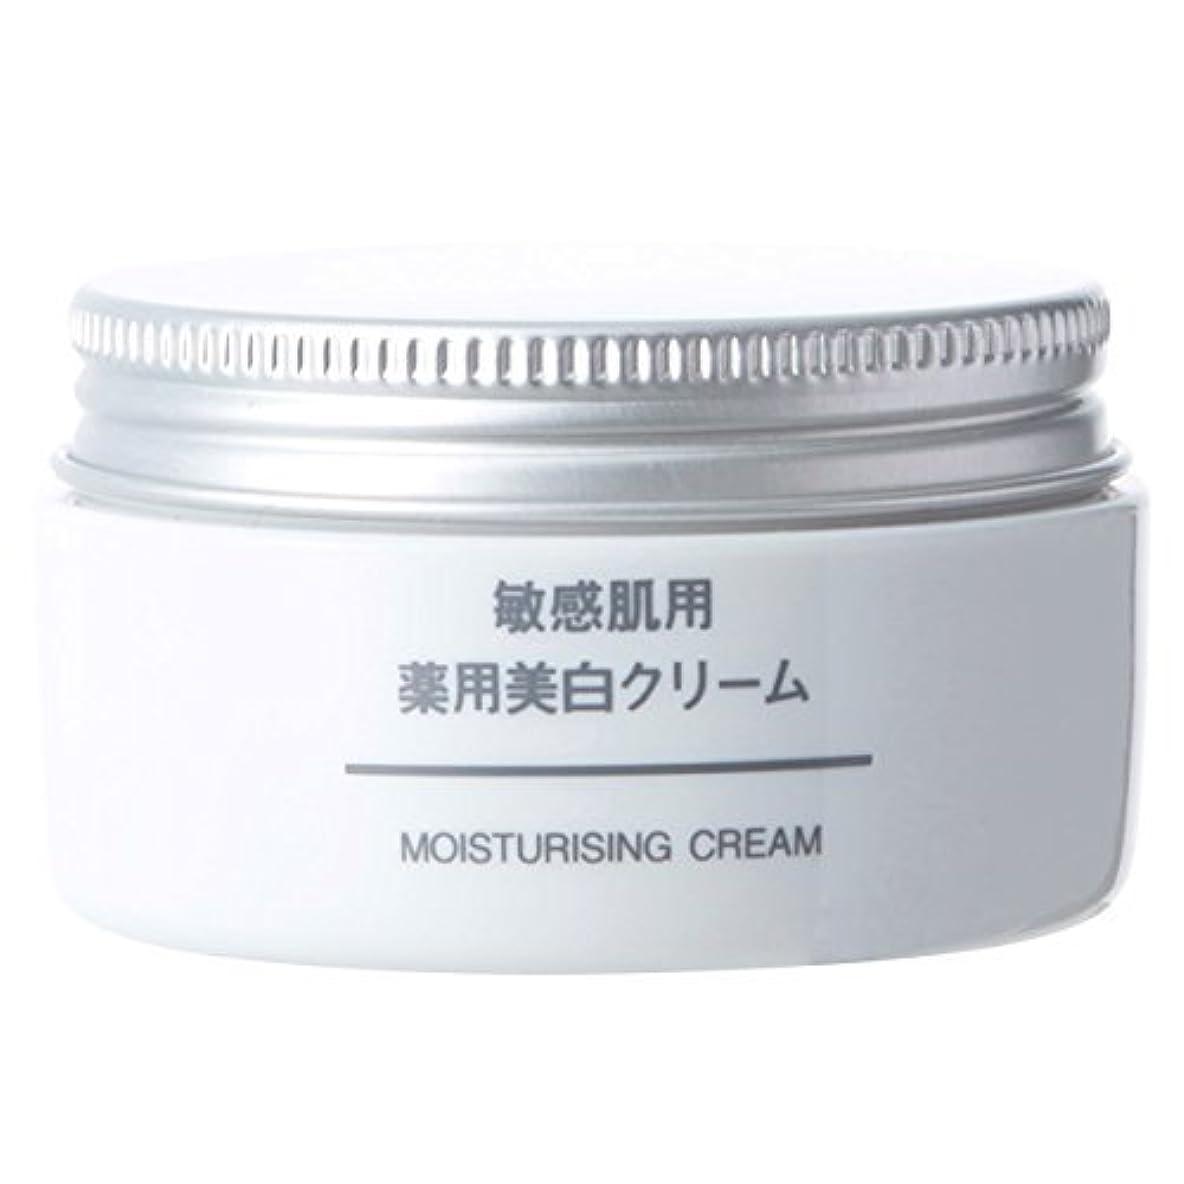 新しい意味松の木漏れ無印良品 敏感肌用薬用美白クリーム (新)45g